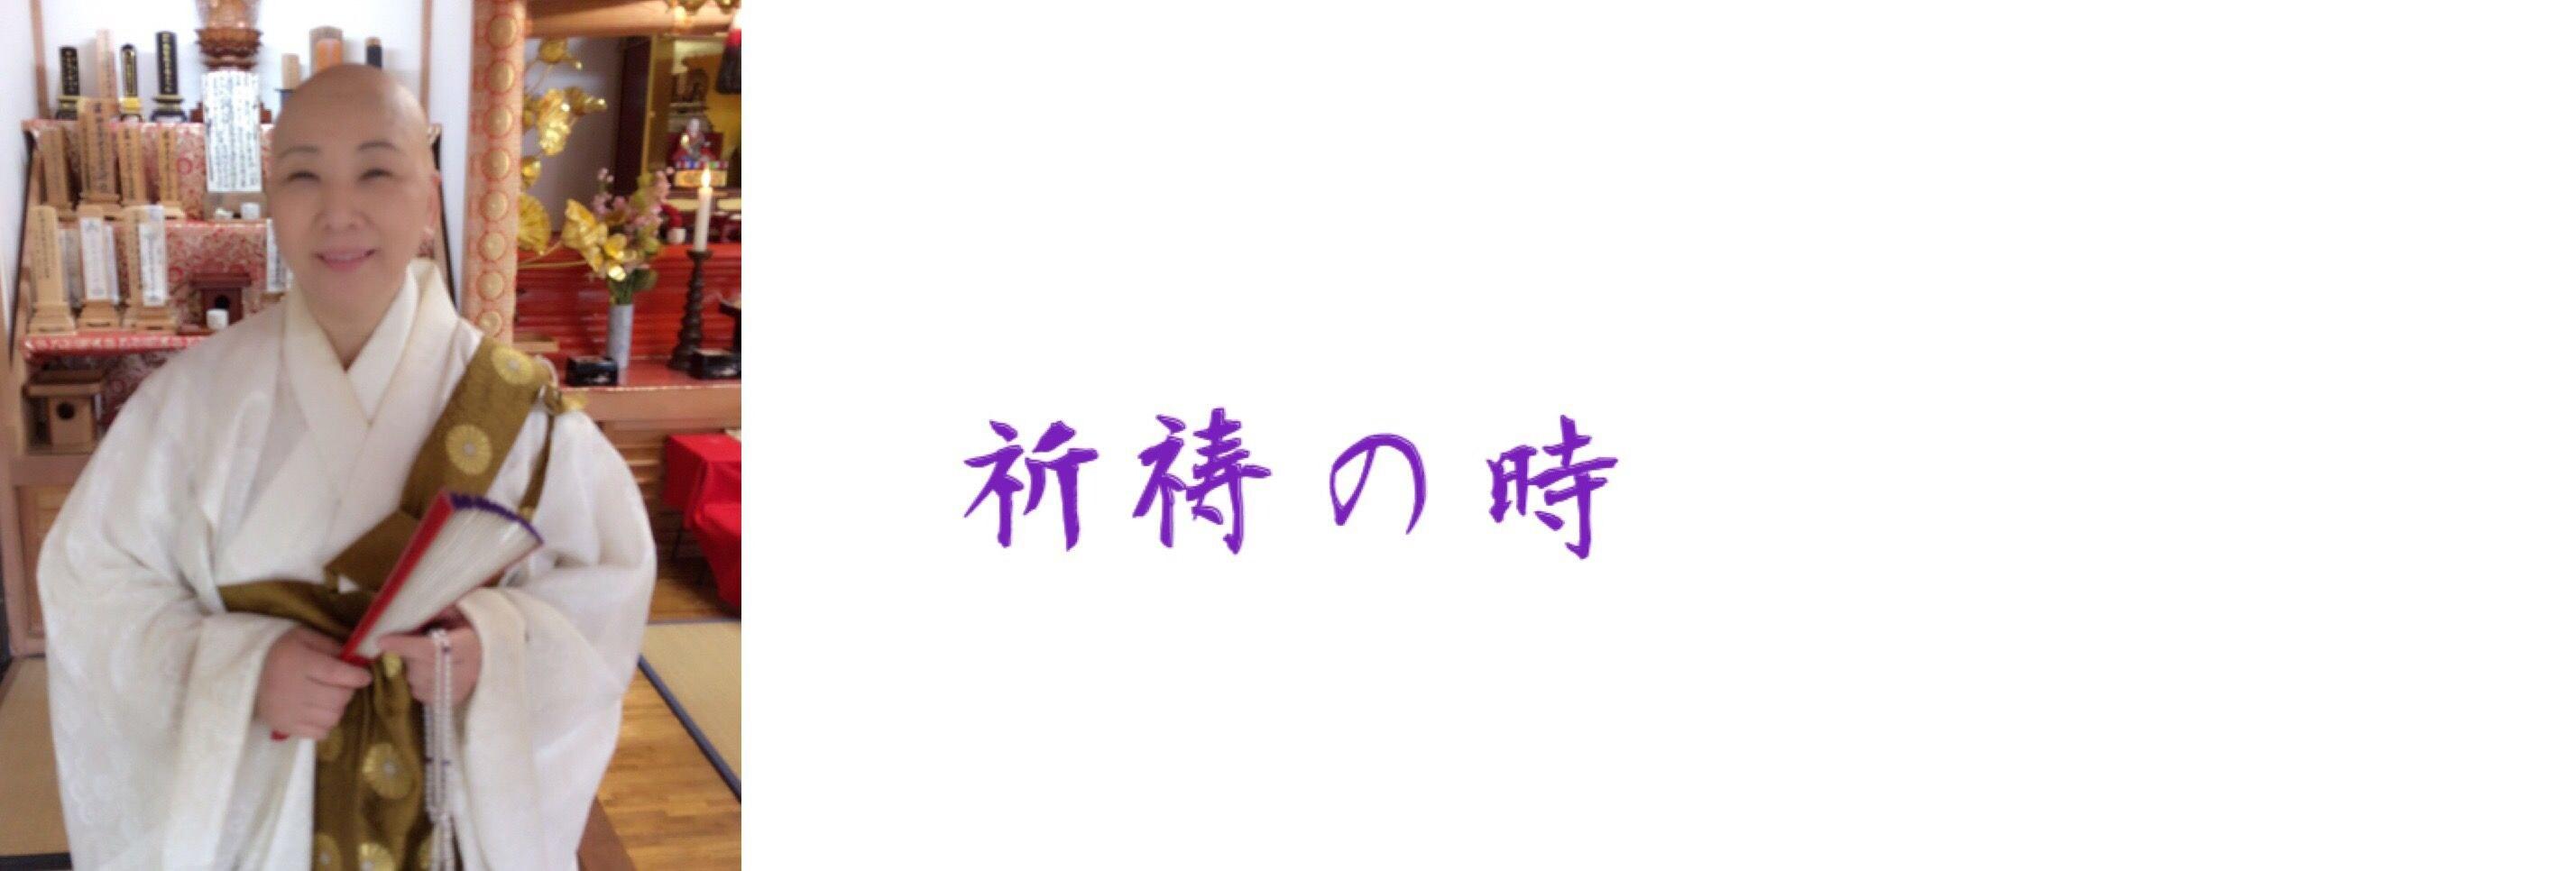 鷹揚山龍縁寺《縁結び・恋愛運・仕事運・開運祈願により幸運を引き寄せるインターネット寺院》